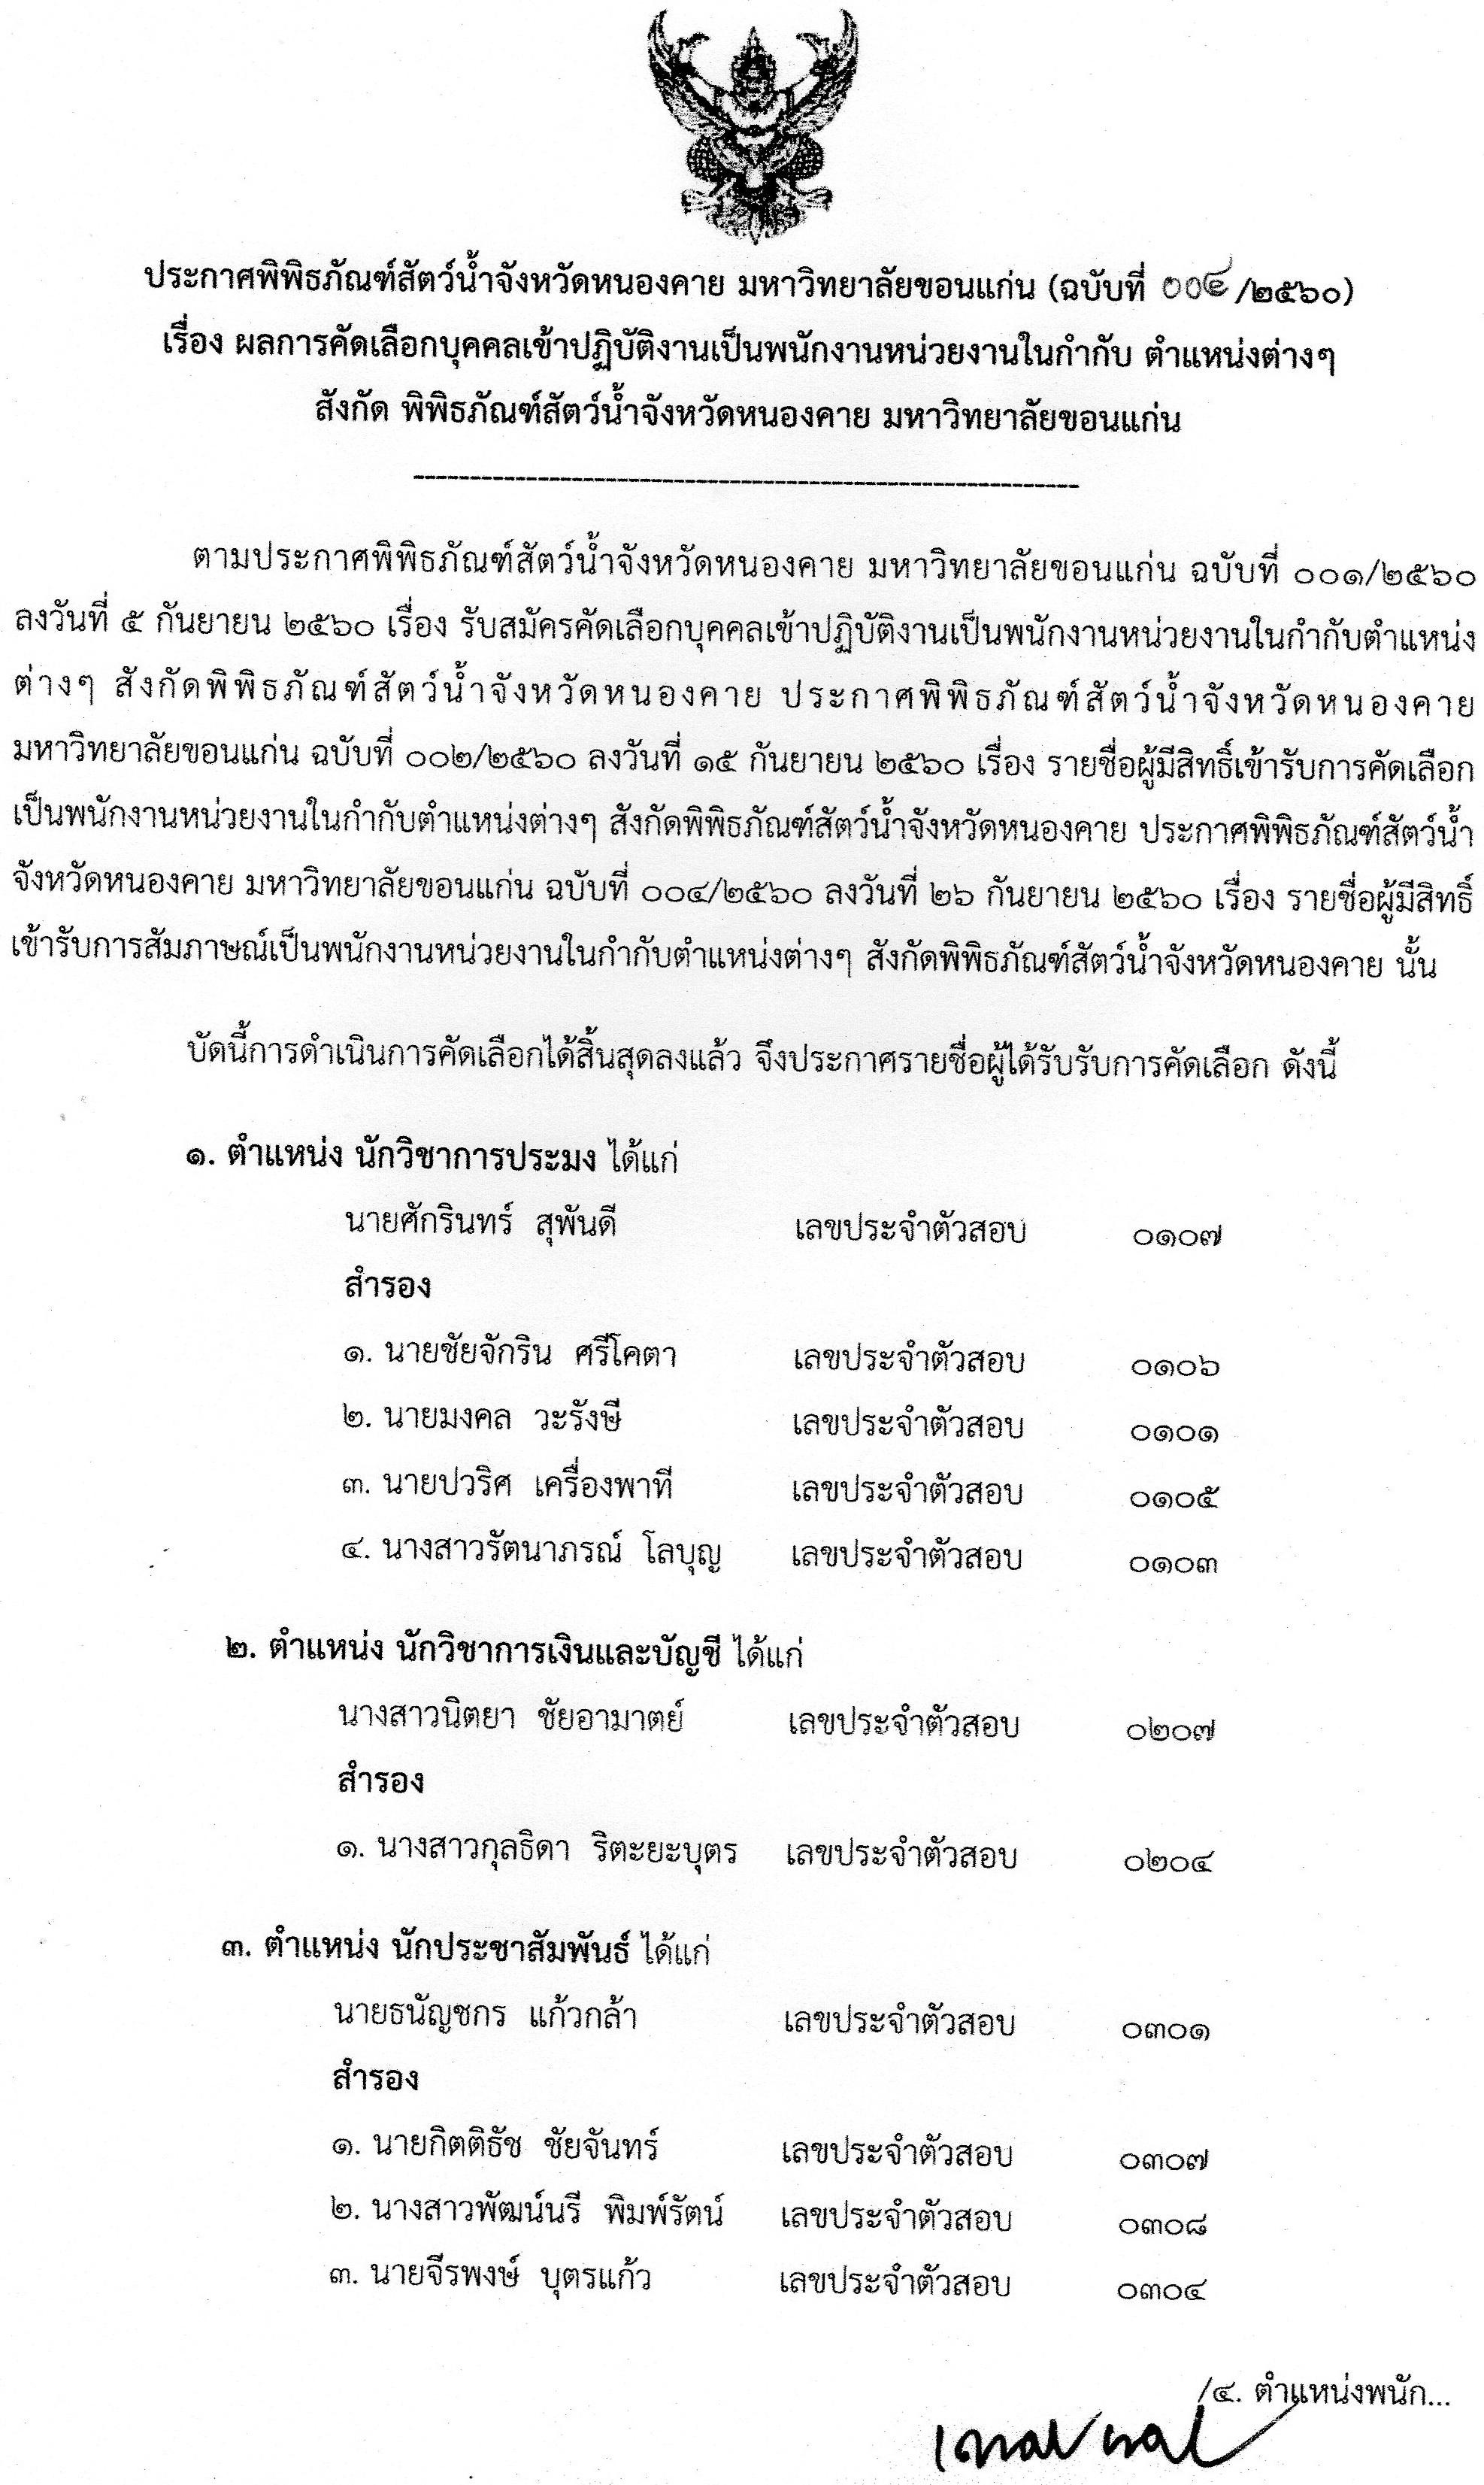 ประกาศผลการคัดเลือกบุคลเข้าปฏิบัติงานเป็นพนักงานหน่วยงานในกำกับ สังกัดพิพิธภัณฑ์สัตว์น้ำจังหวัดหนองคาย มหาวิทยาลัยขอนแก่น (ฉบับที่004/2560)